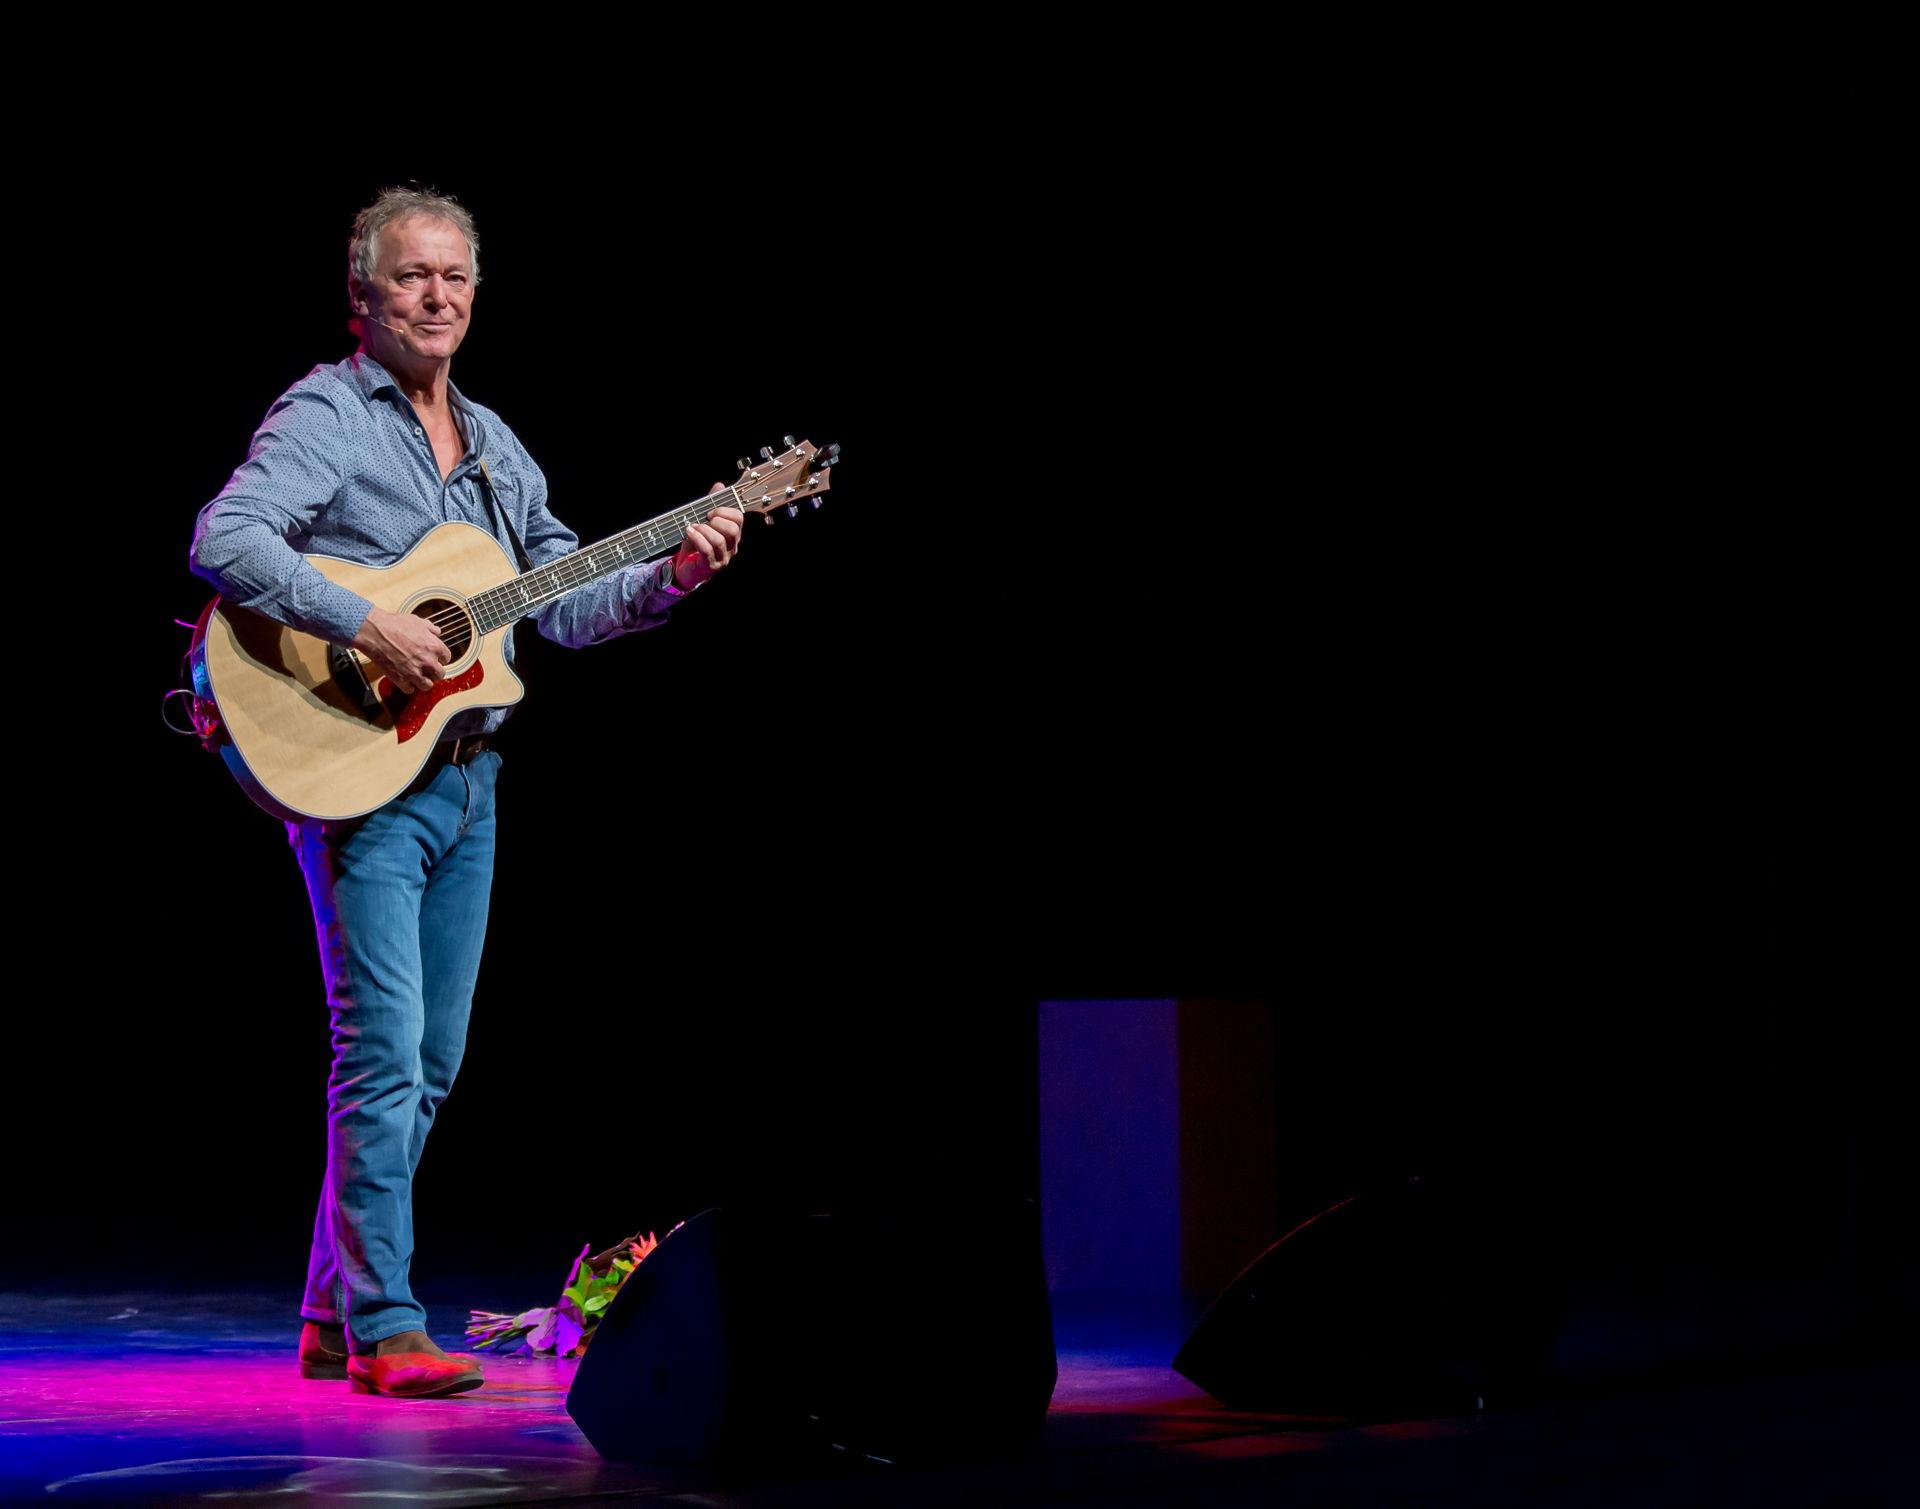 Harrie Jekkers trekt eindelijk met zijn solo-cabaretvoorstelling door het land. Met liedjes en conferences vertelt hij over zijn Haagse jeugd, het veranderende Den Haag en zijn 'campo' op Ibiza.